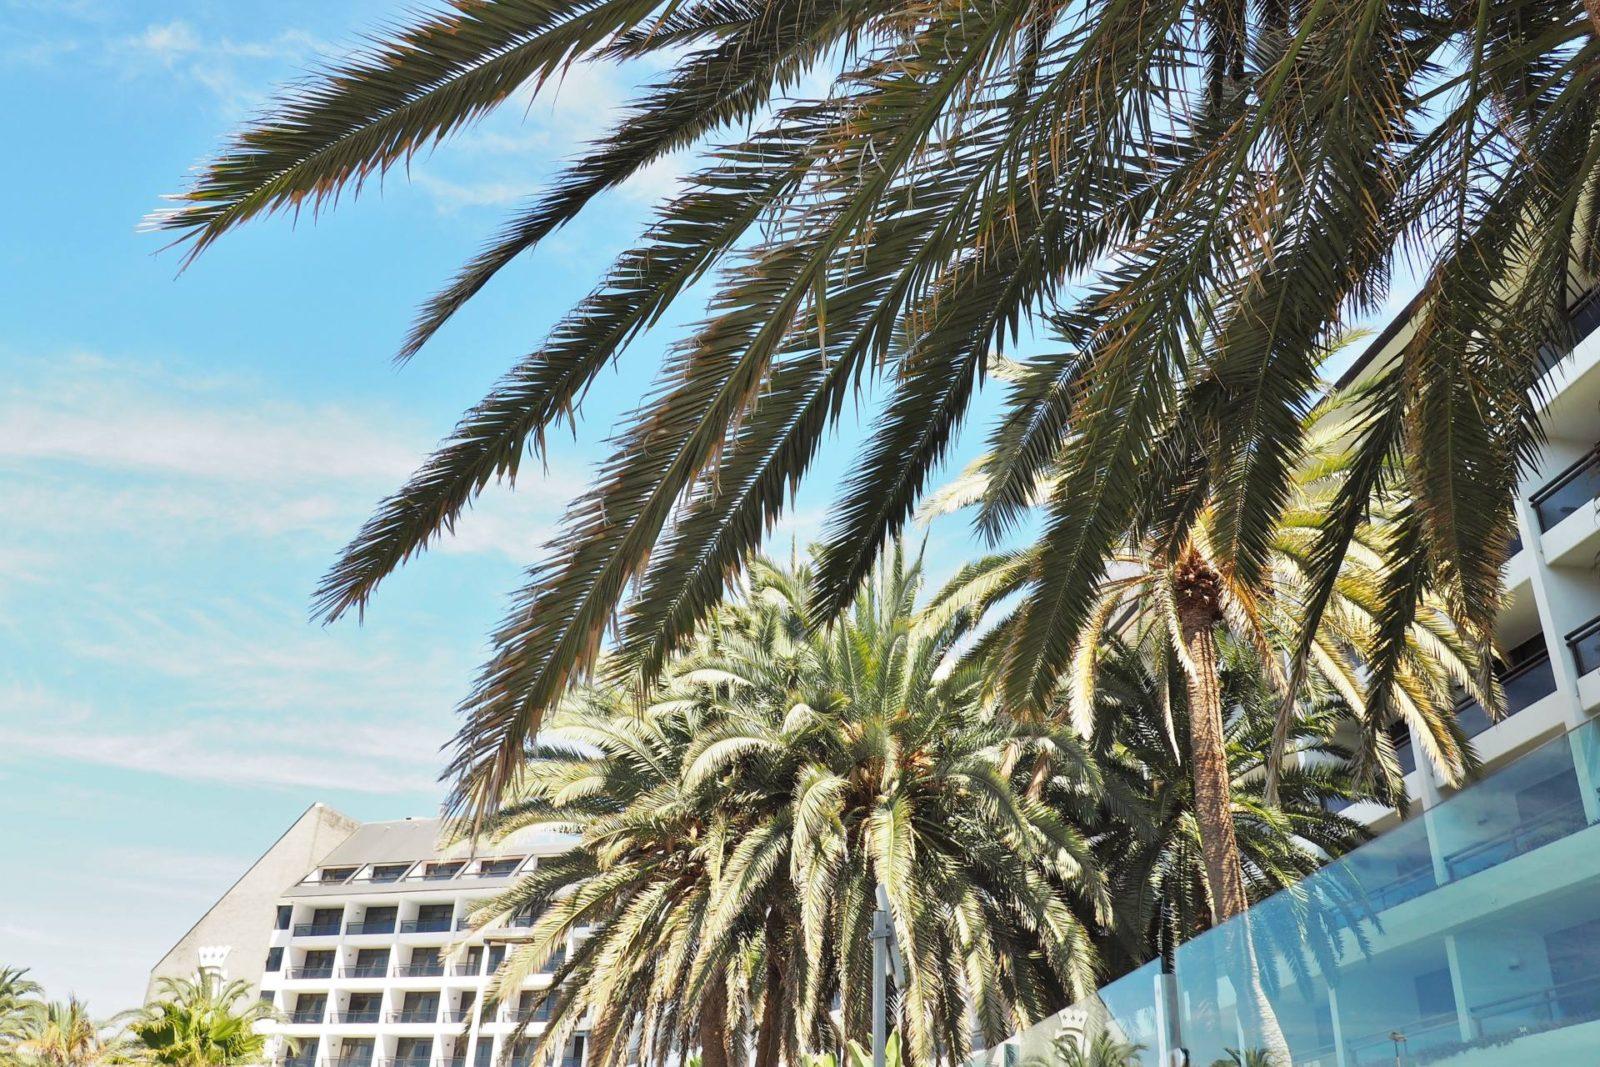 Gran Canarian Palm Trees